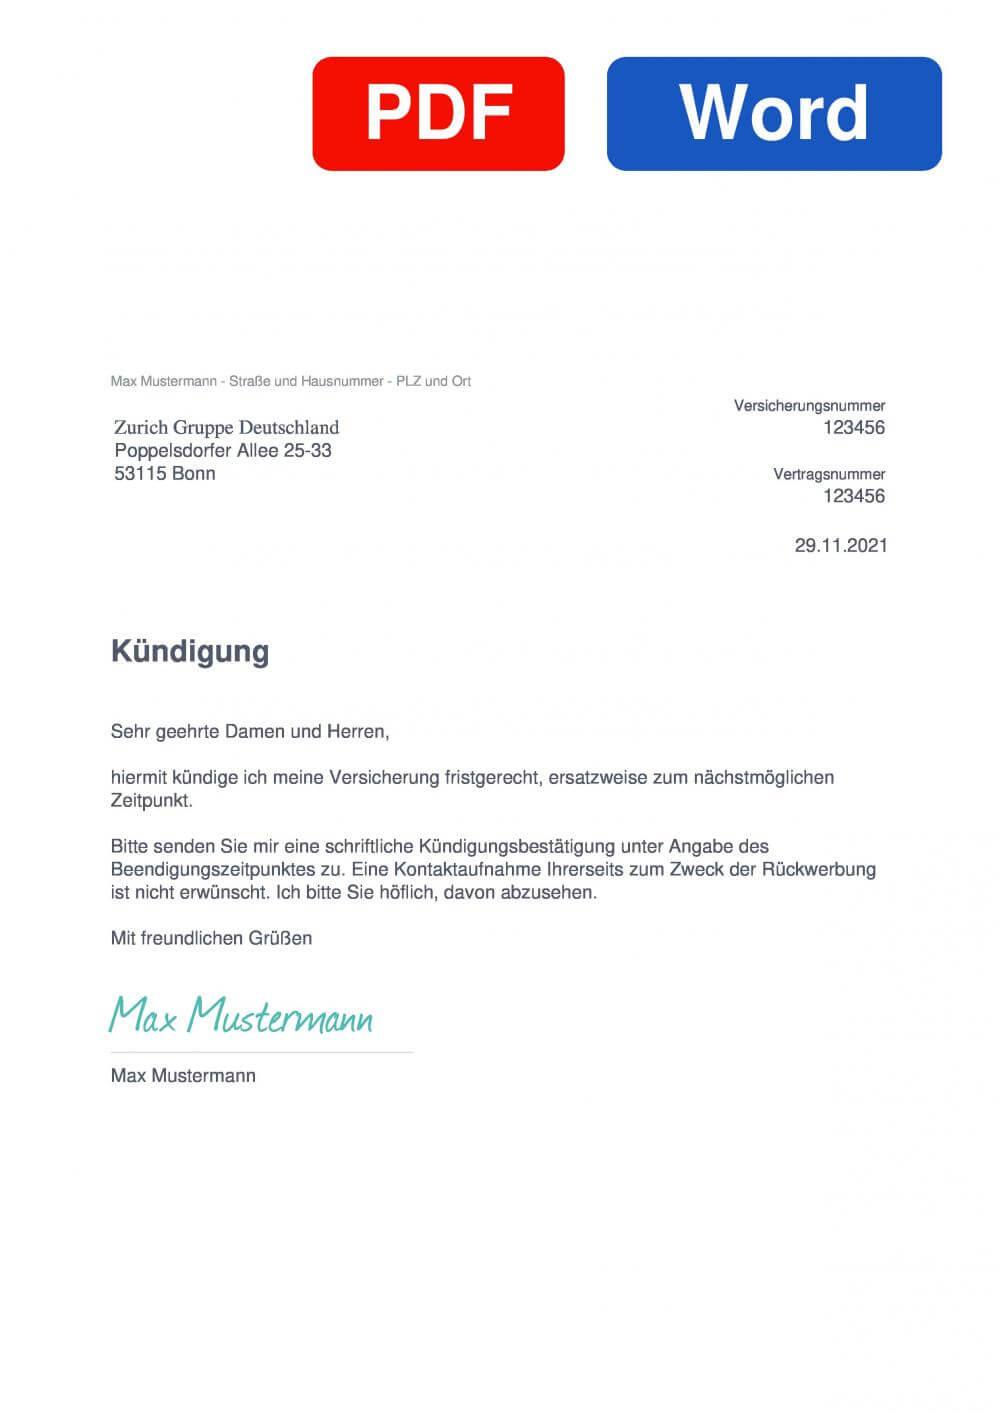 Zurich Deutscher Herold Lebensversicherung Muster Vorlage für Kündigungsschreiben